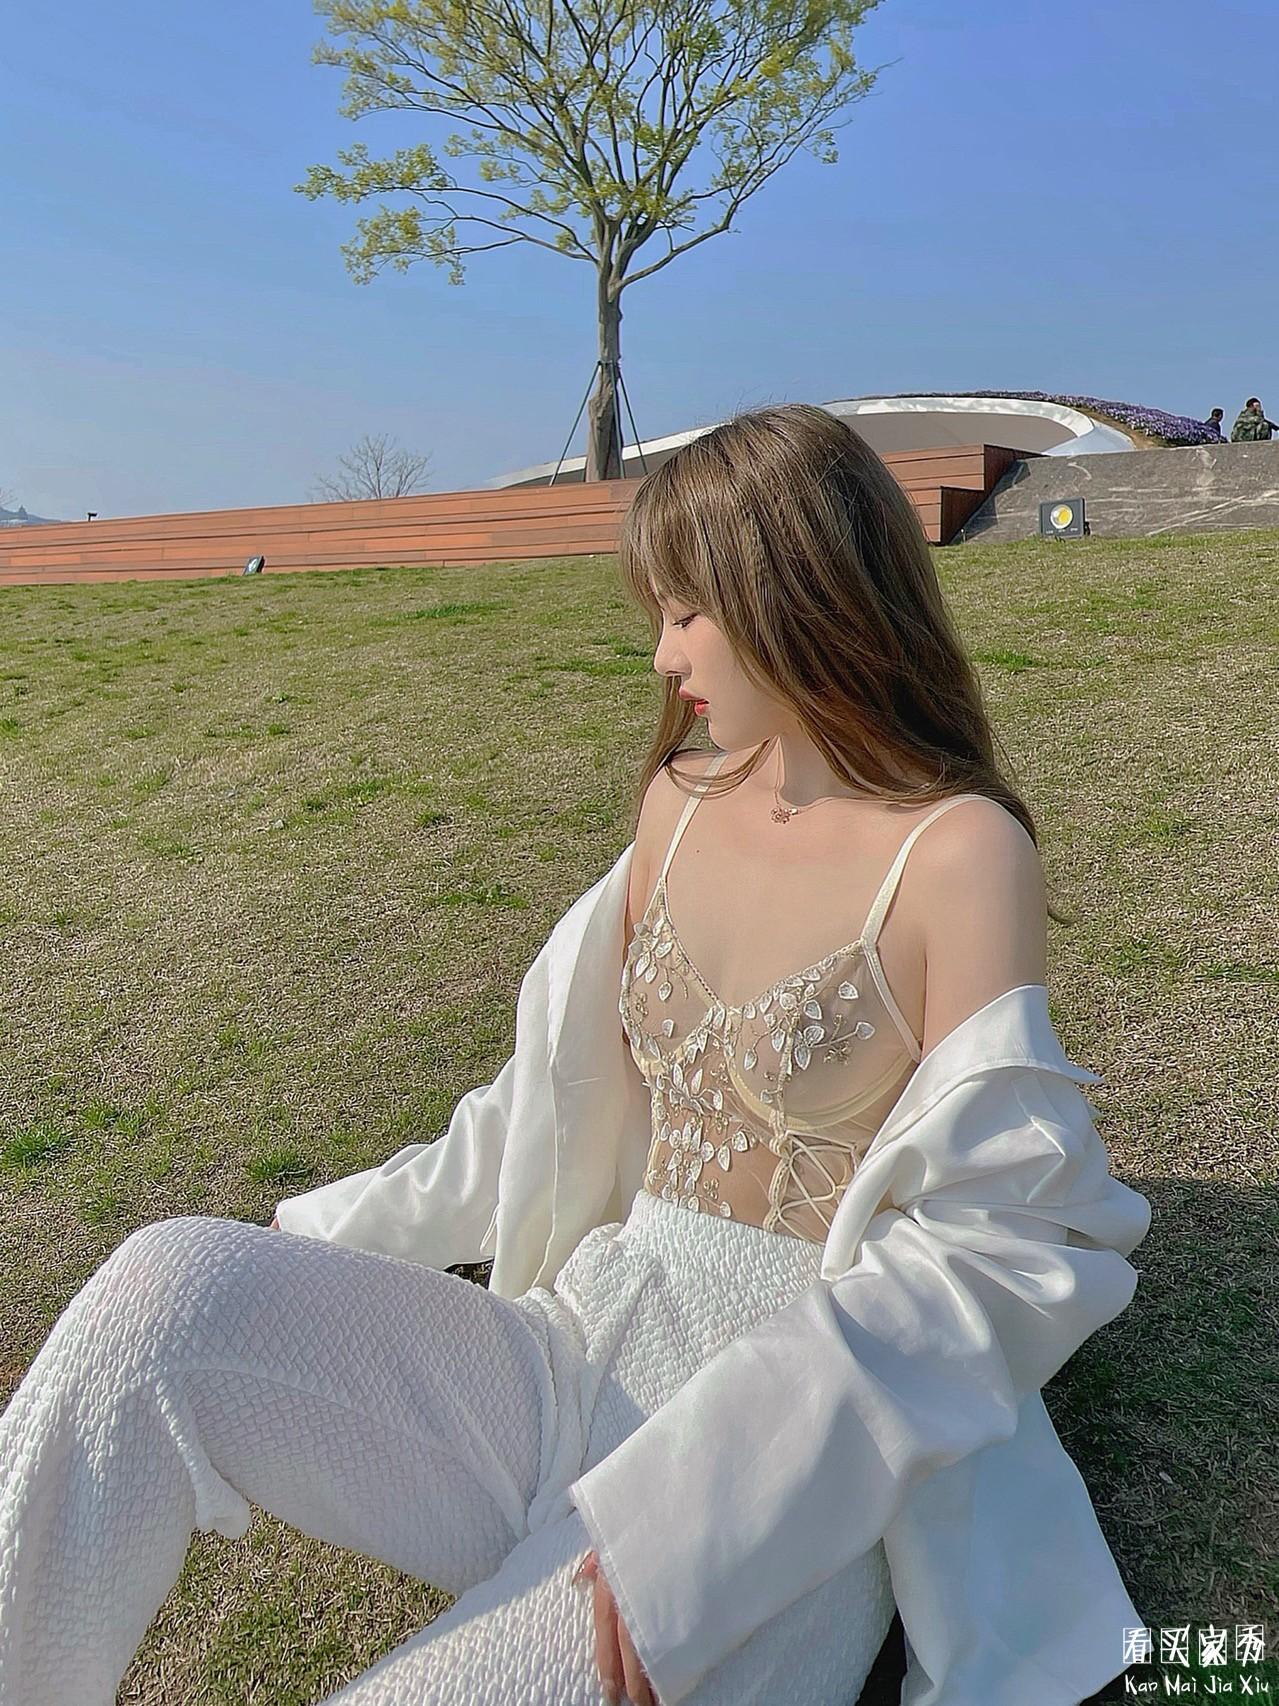 蕾丝刺绣透视内衣买家秀,一件可外穿的神奇内衣